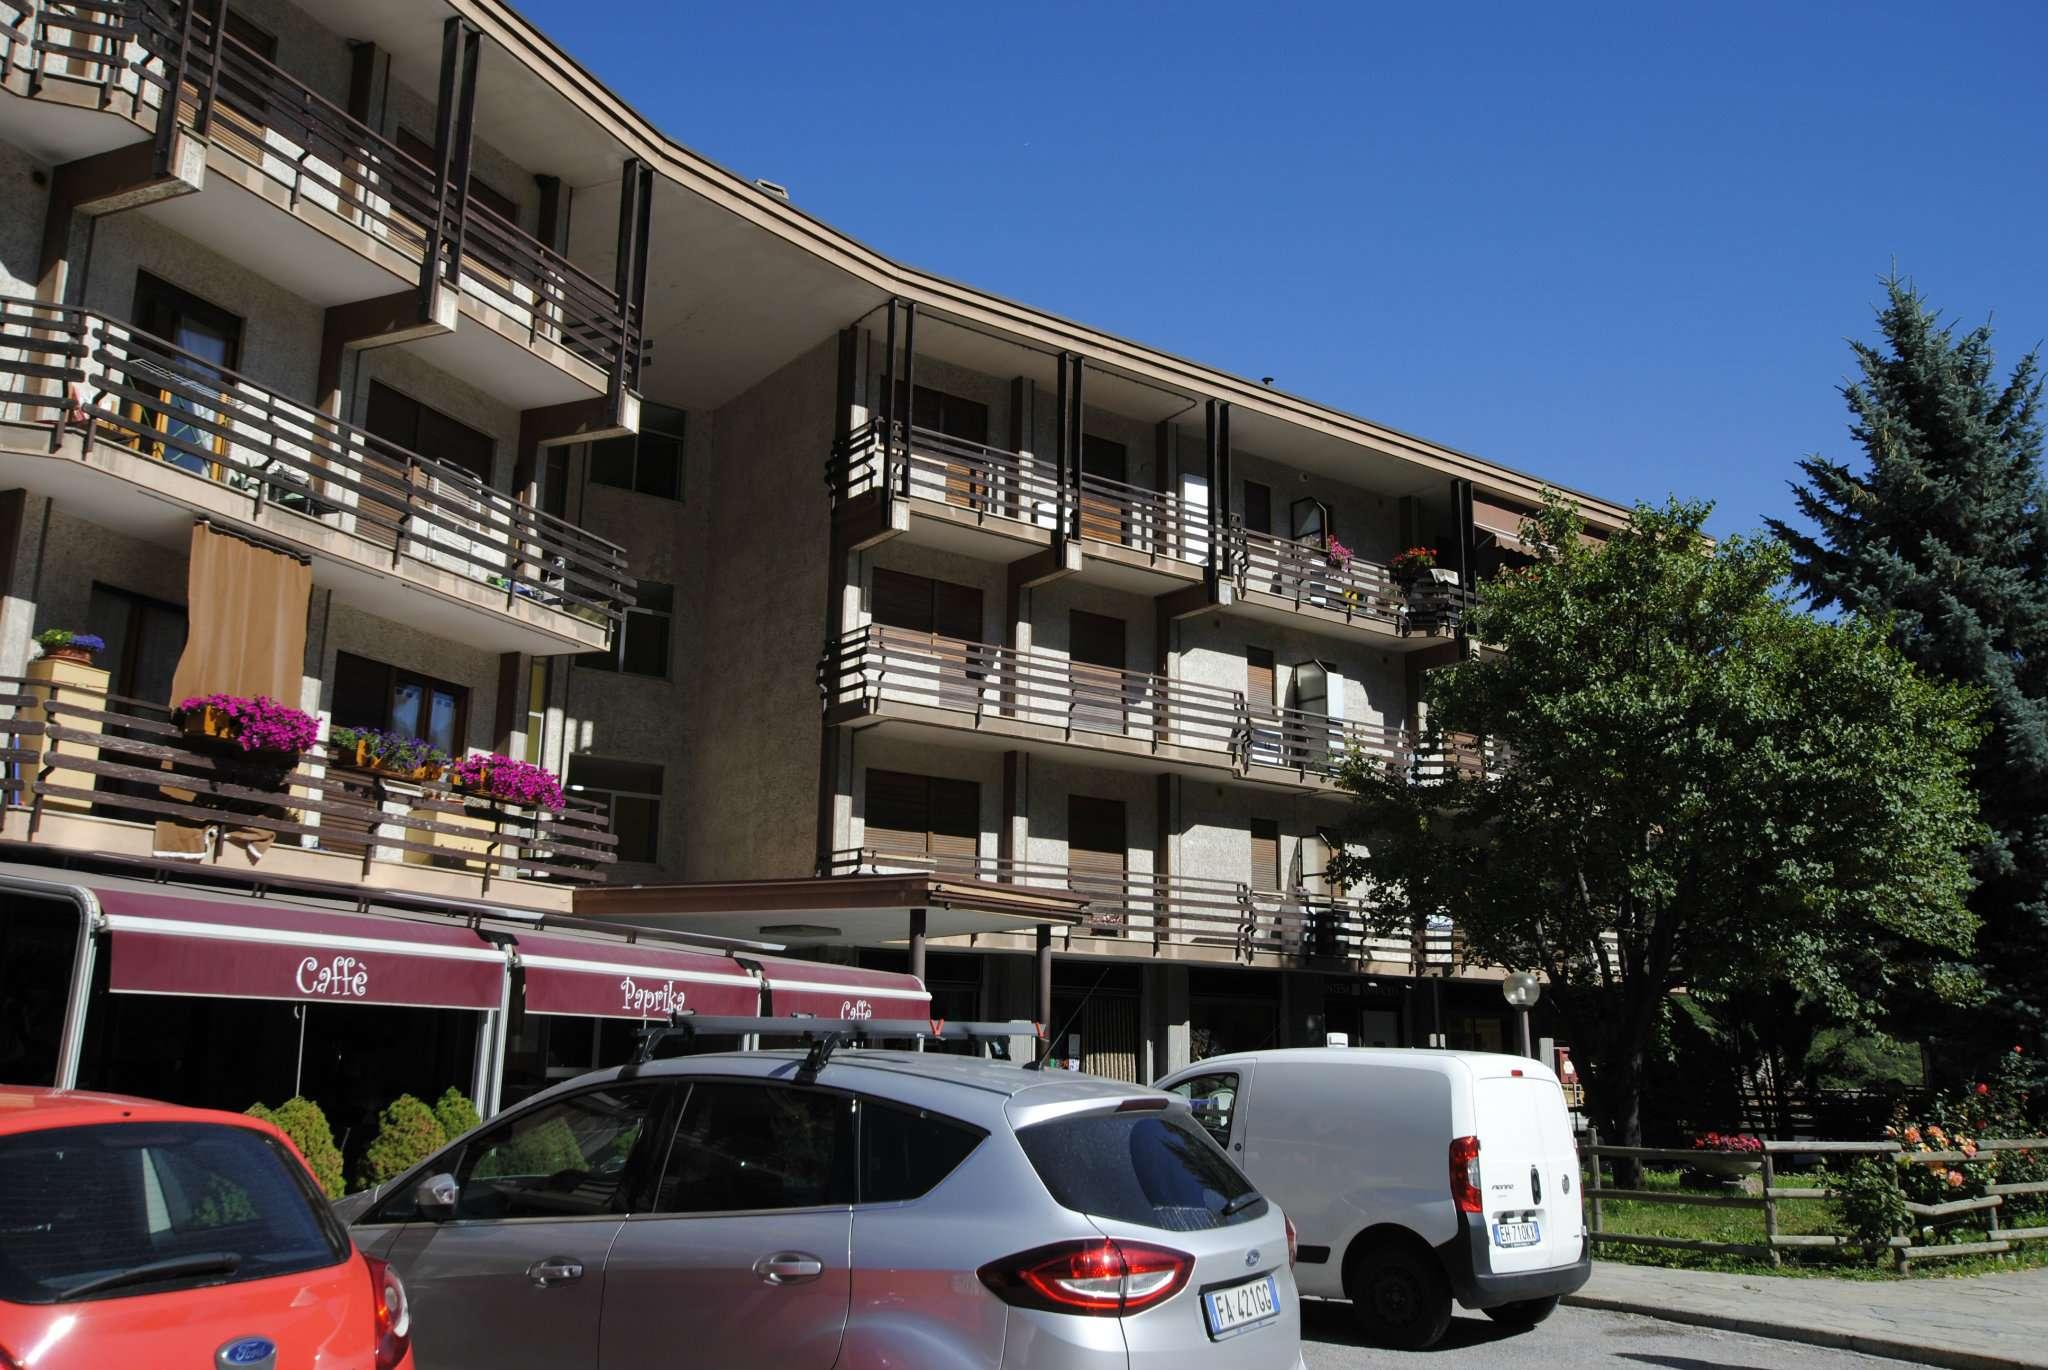 Appartamento in vendita a Chiomonte, 1 locali, prezzo € 20.000 | CambioCasa.it